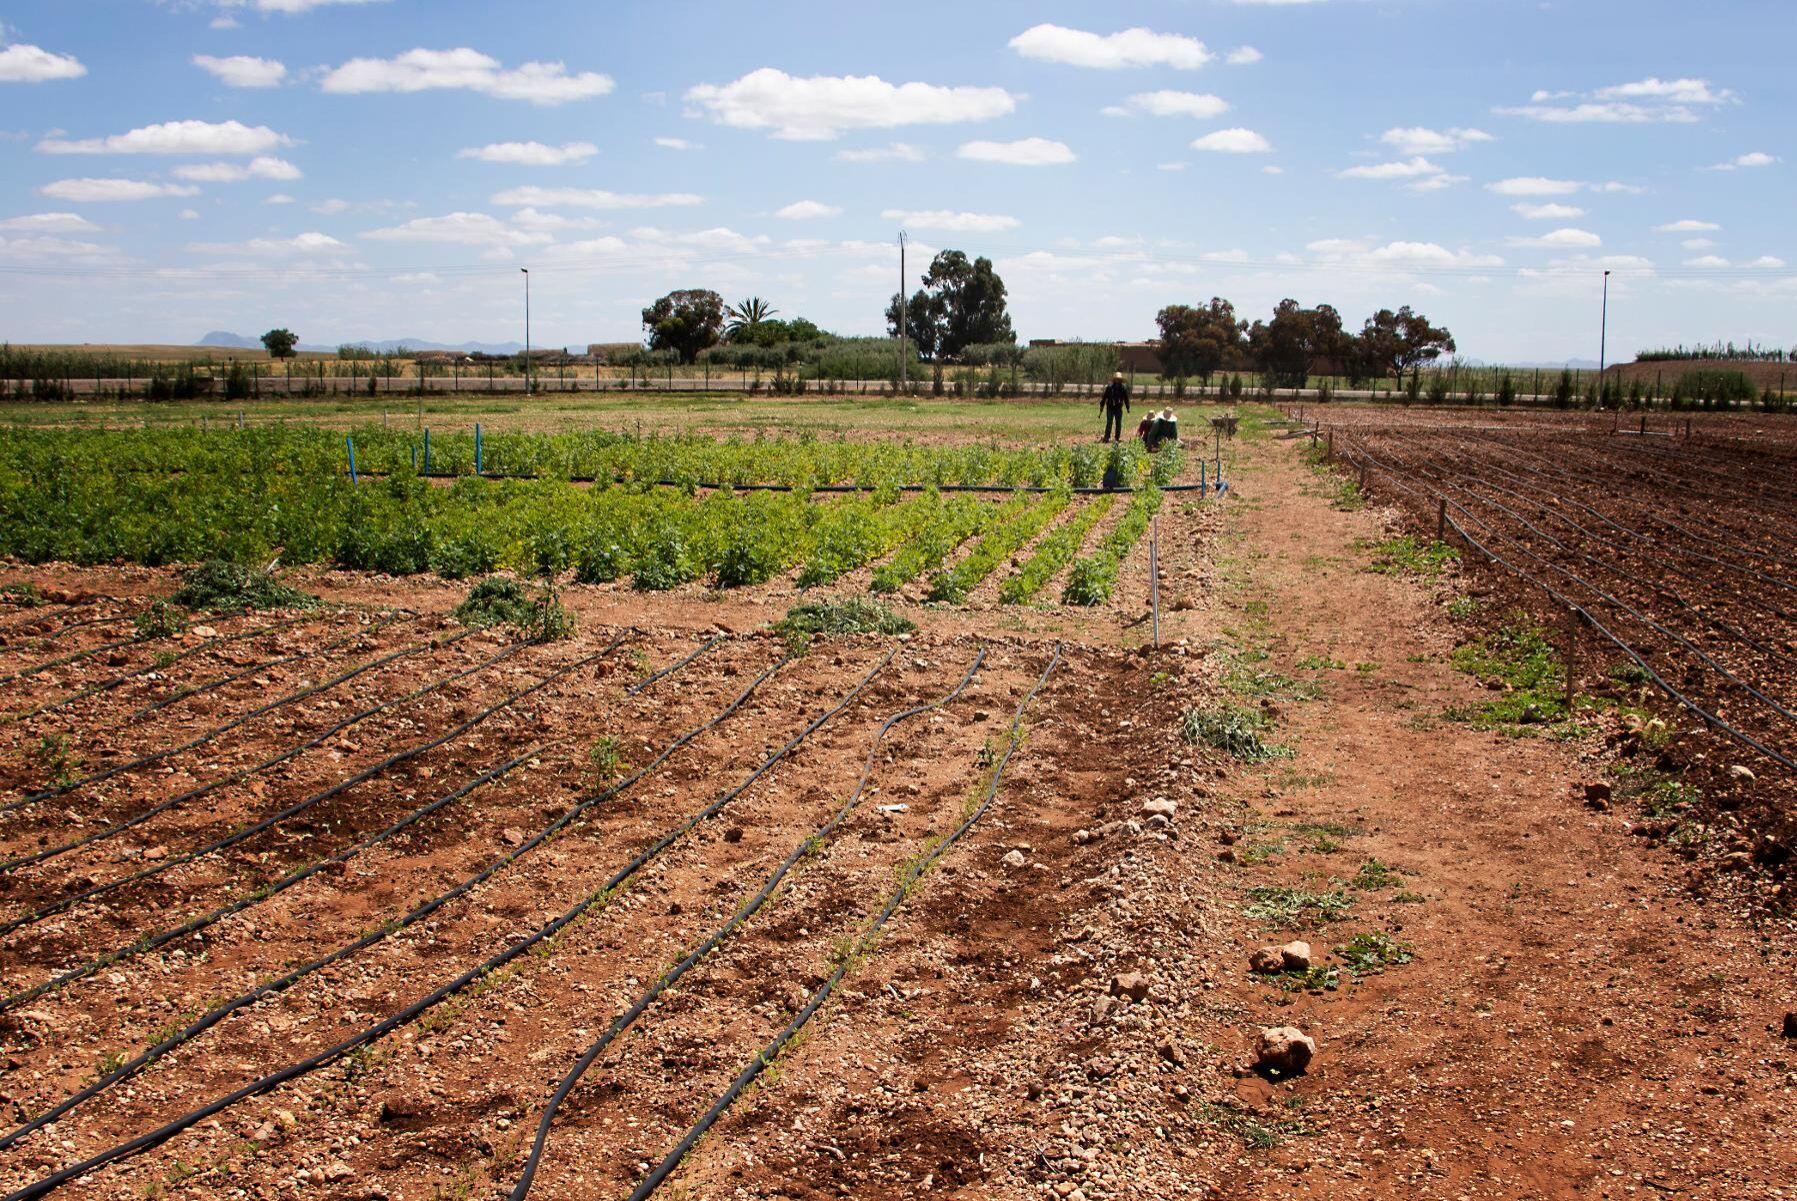 Marocko har sedan 2008 genomfört stora förändringar i jordbrukssektorn.